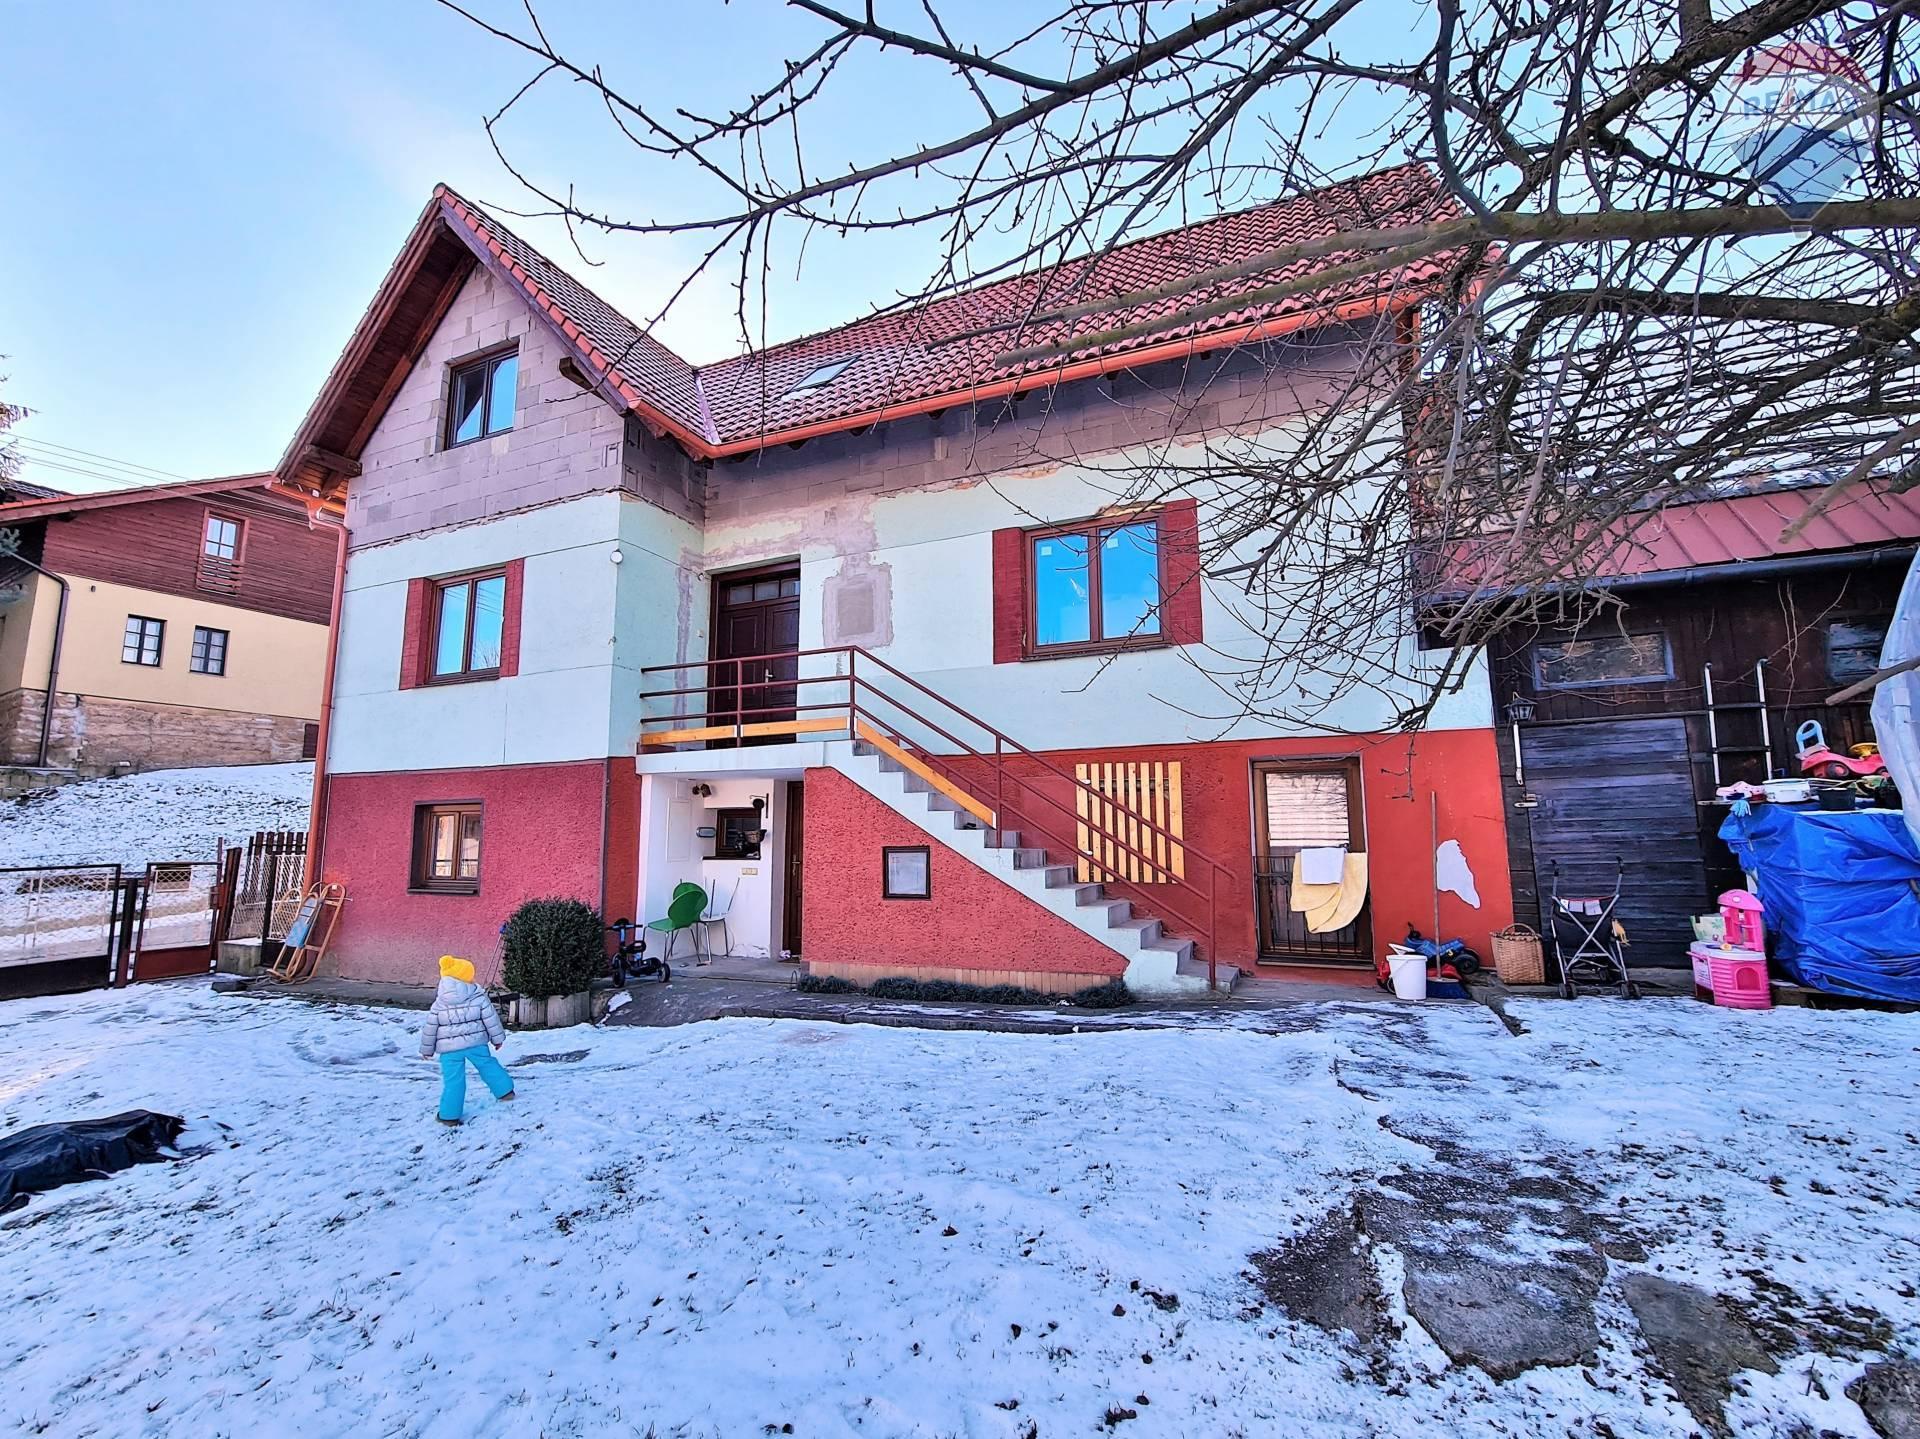 Predaj domu 160 m2, Dúbrava - Na predaj dom Dúbrava, Liptov